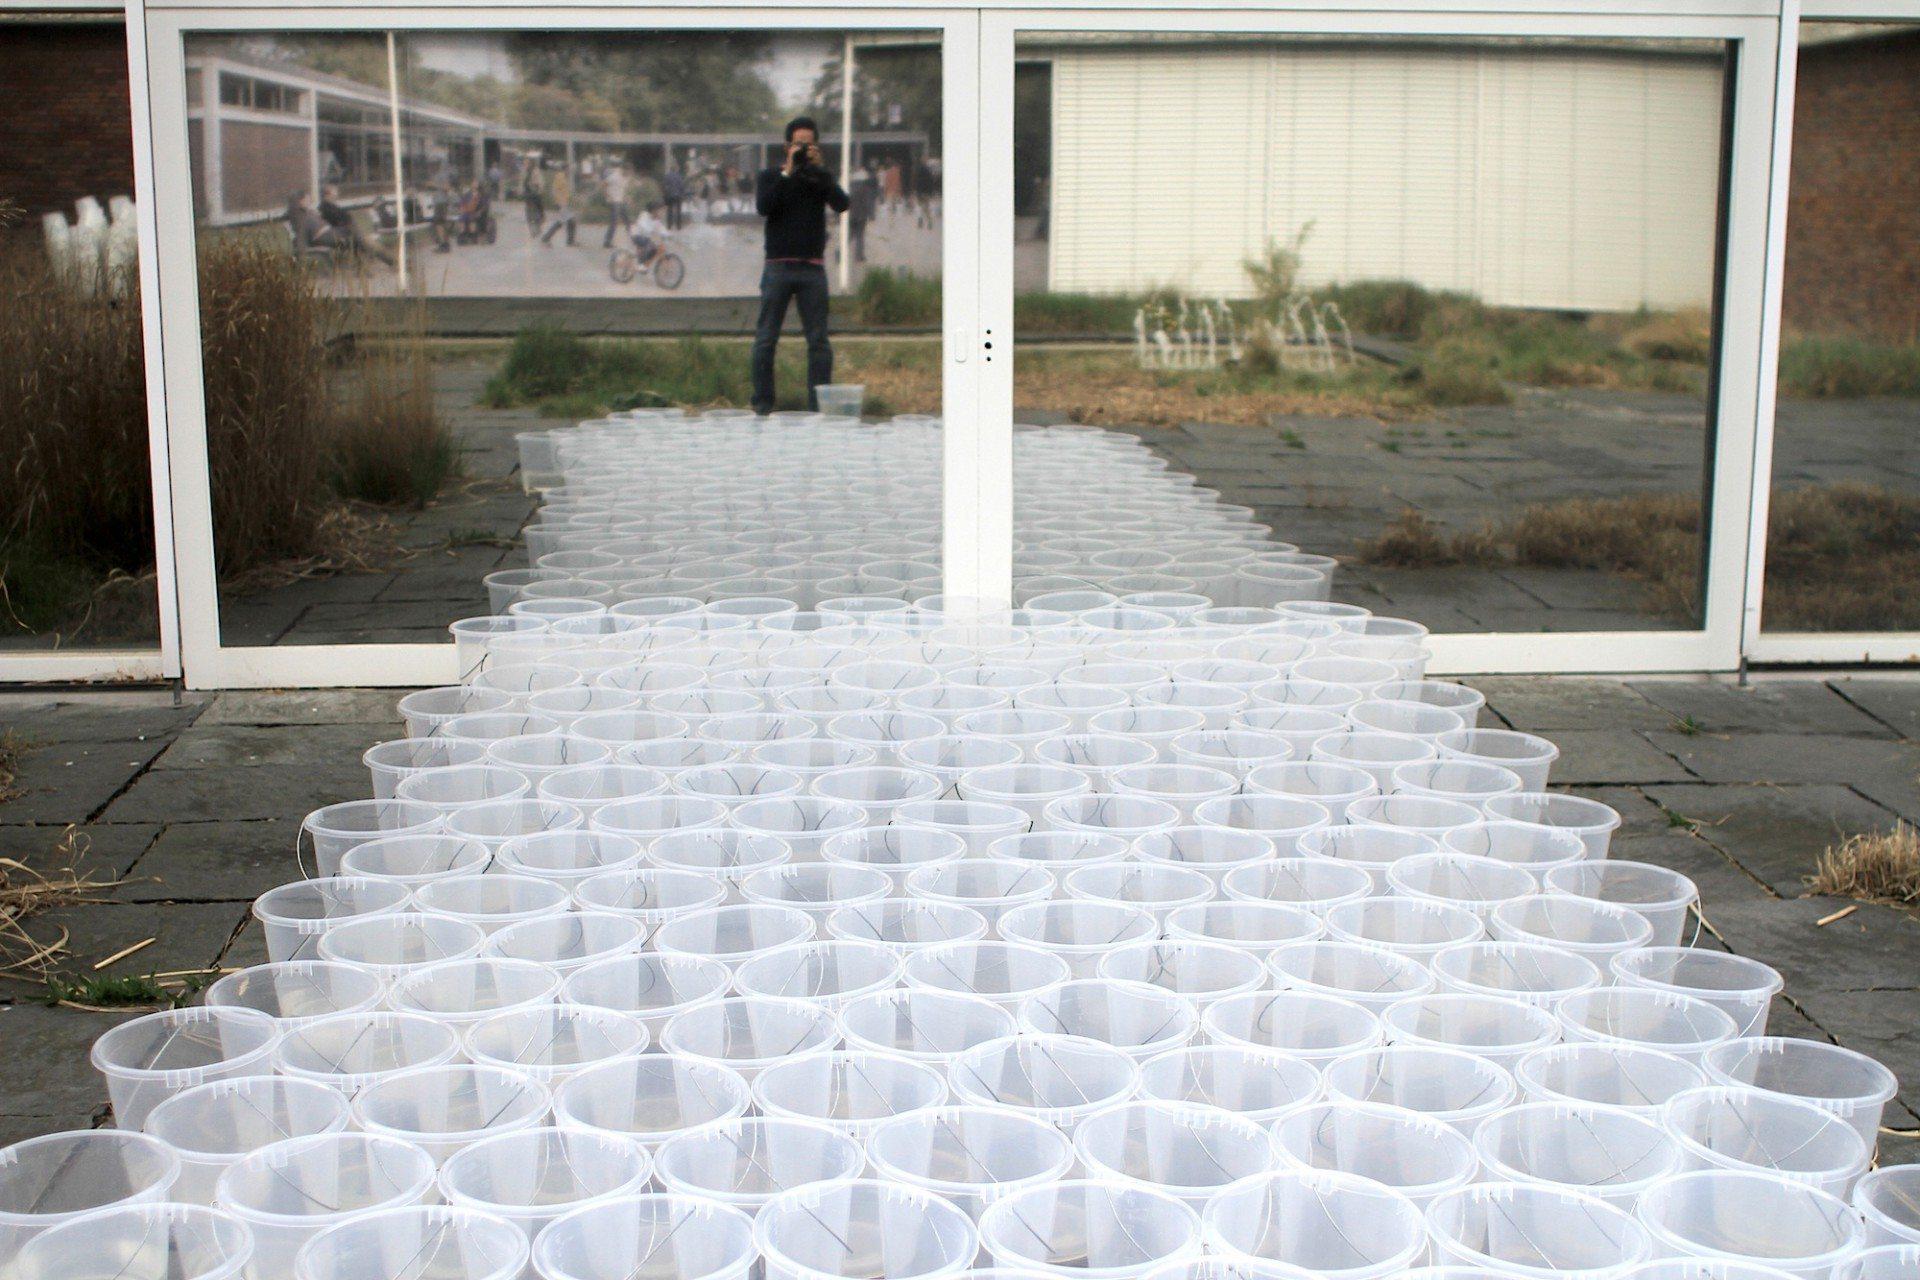 """Plastik. """"Present People"""" ist im Abschnitt """"Junge Akademie"""" zu sehen und thematisiert das Luxusgut Wasser und den Eingriff der Gesellschaft in den öffentlichen Raum."""